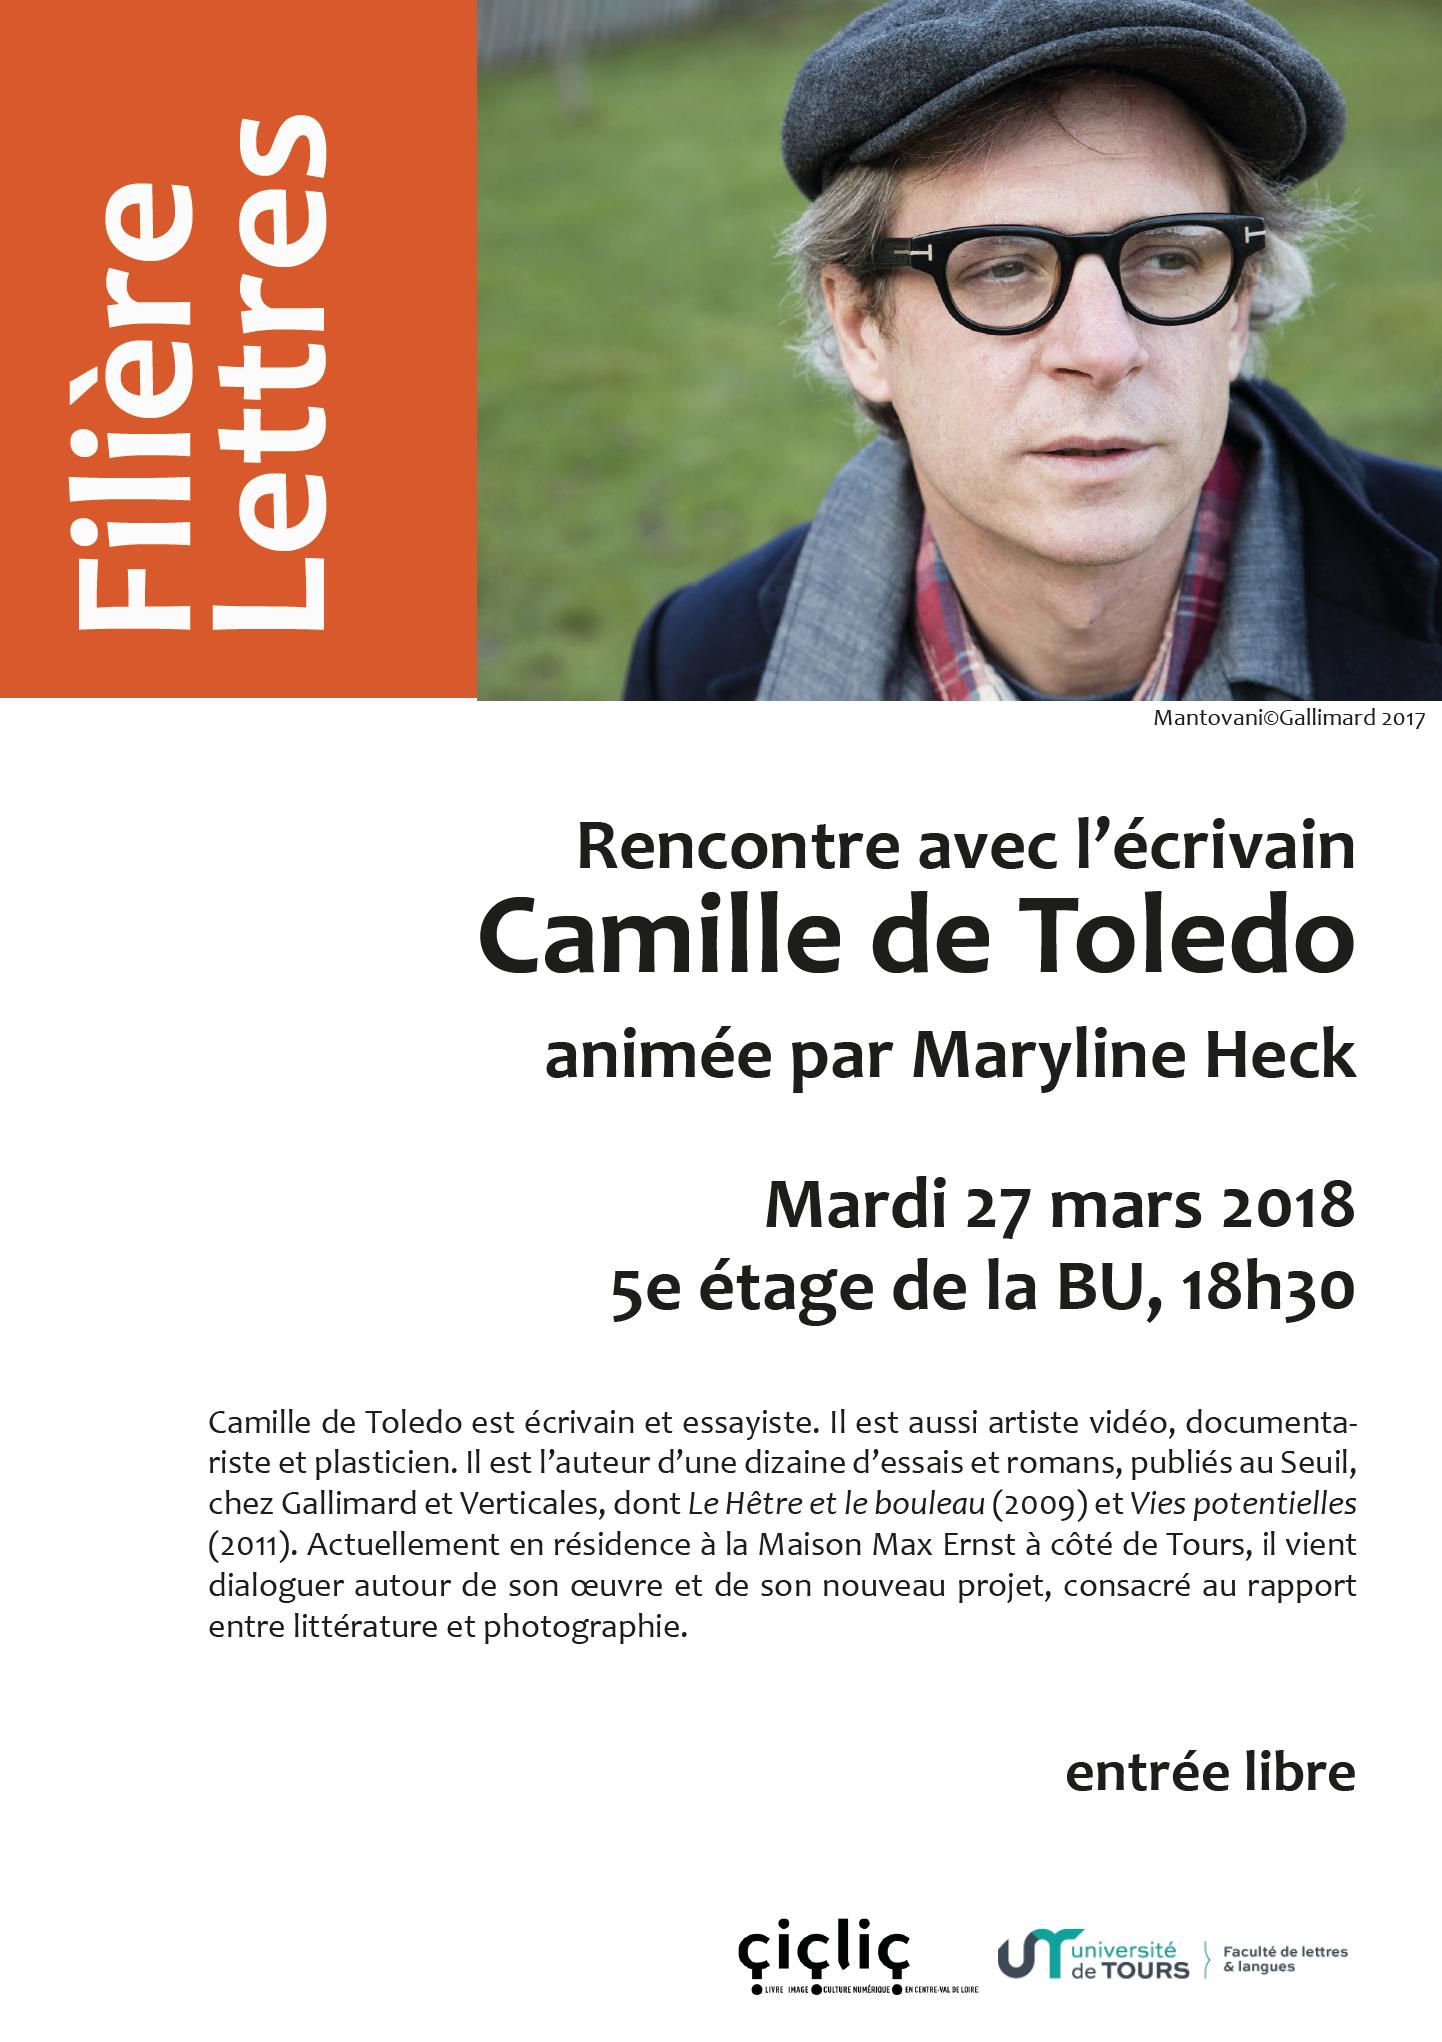 Affiche_Rencontre avec ecrivain Camille de Toledo